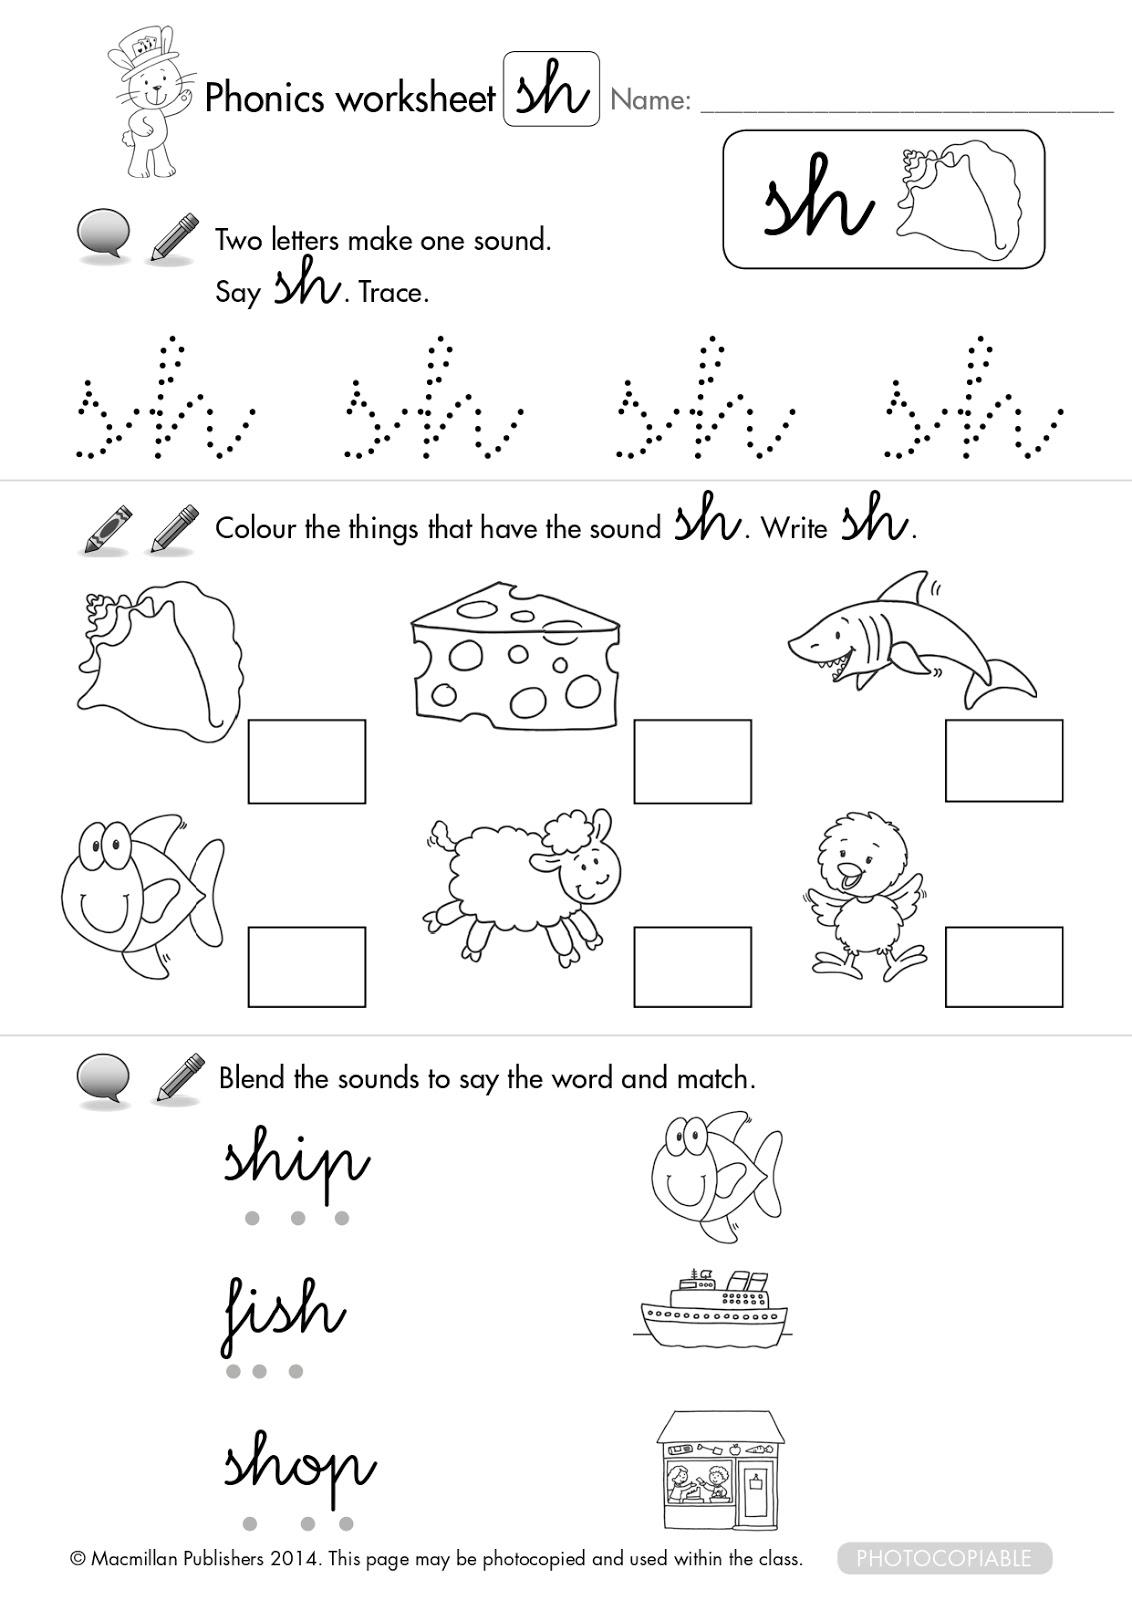 Kids 5 Watch Teacher Karen S Tutorial And Do The Worksheet